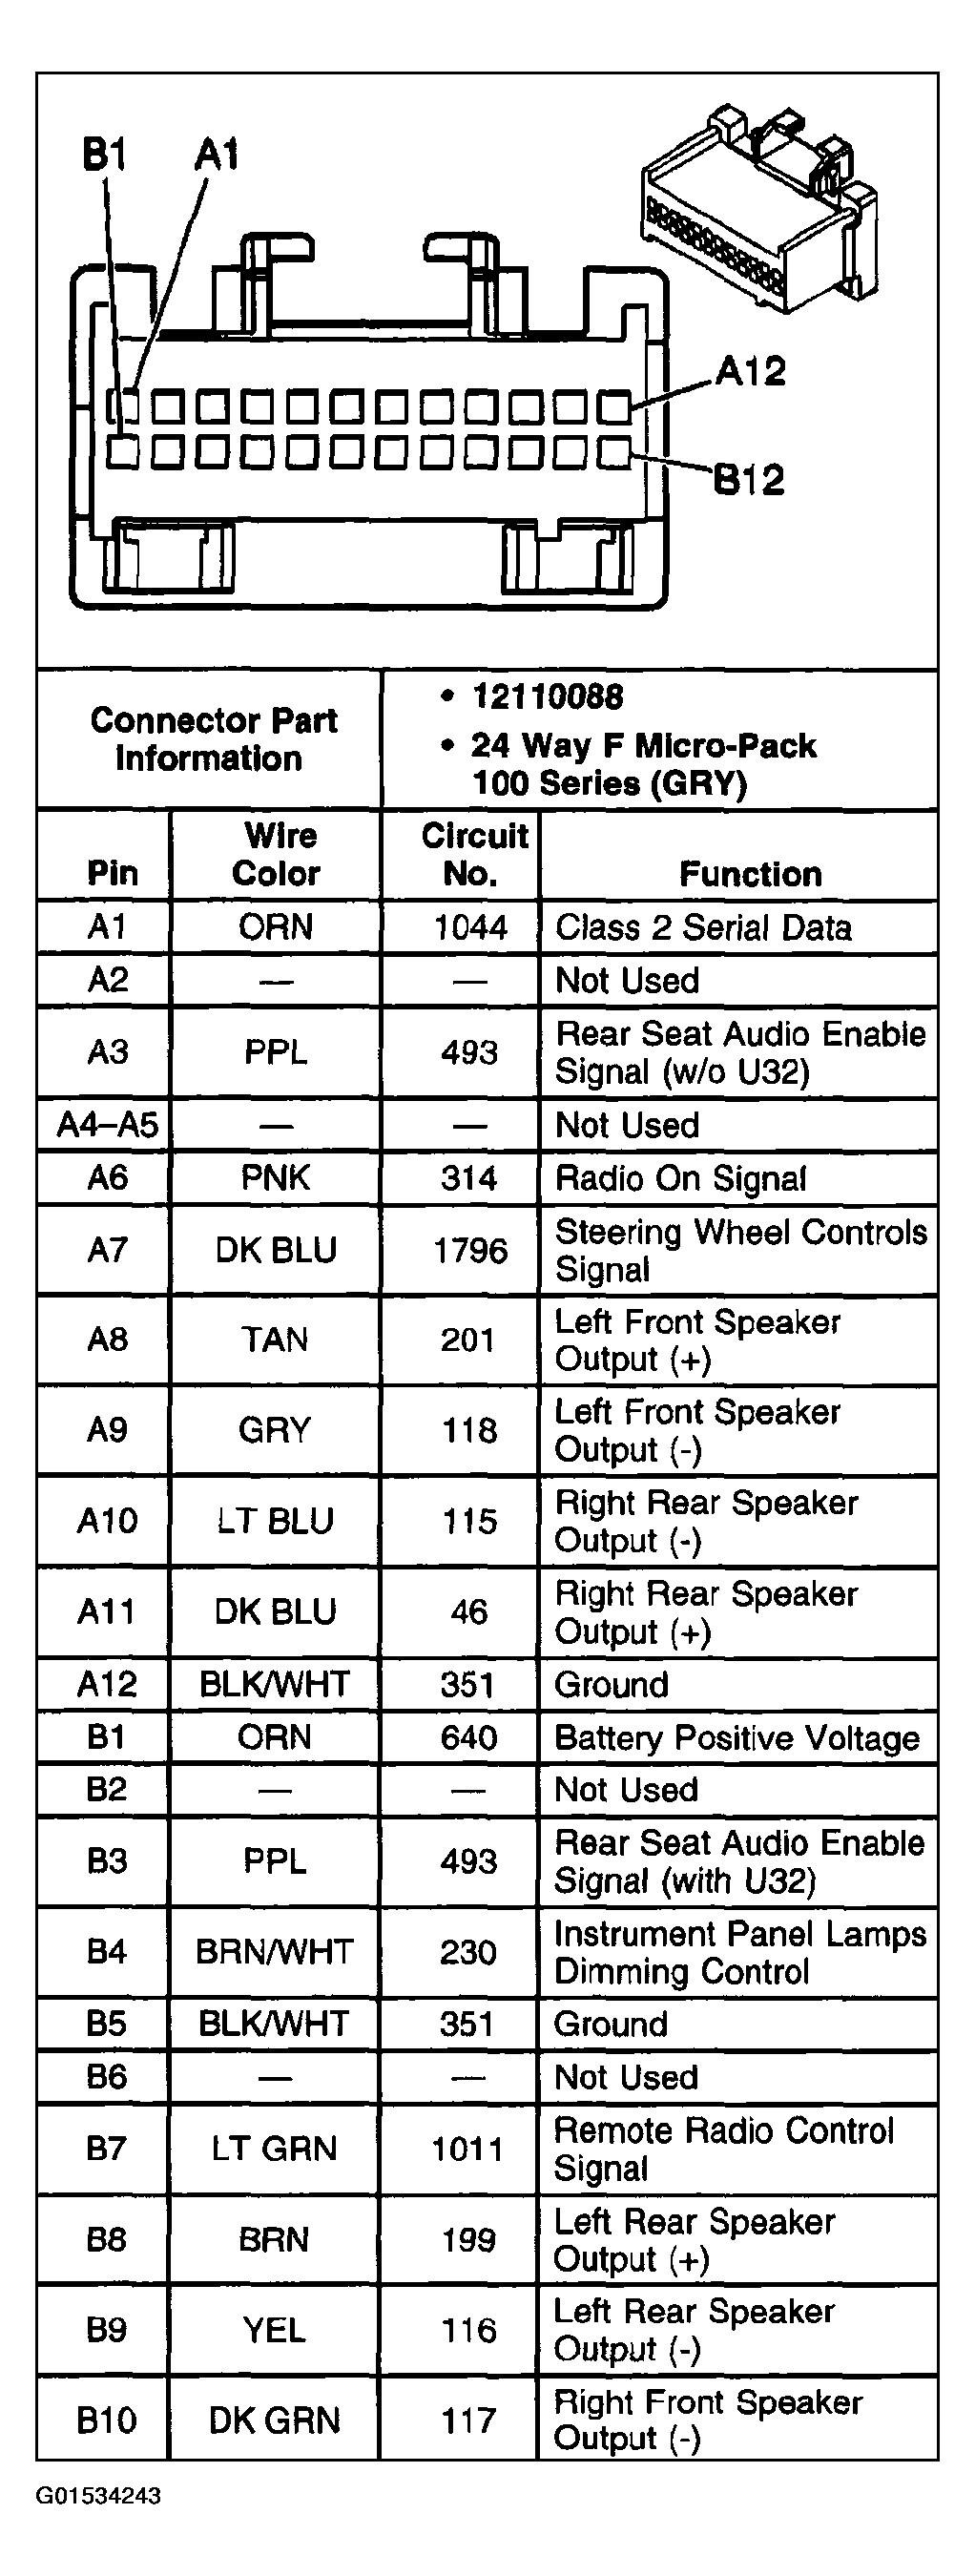 05 Trailblazer Radio Wire Diagrams 2005 Trailblazer Stereo Wiring Diagram Of 05 Trailblazer Radio Wire Diagrams